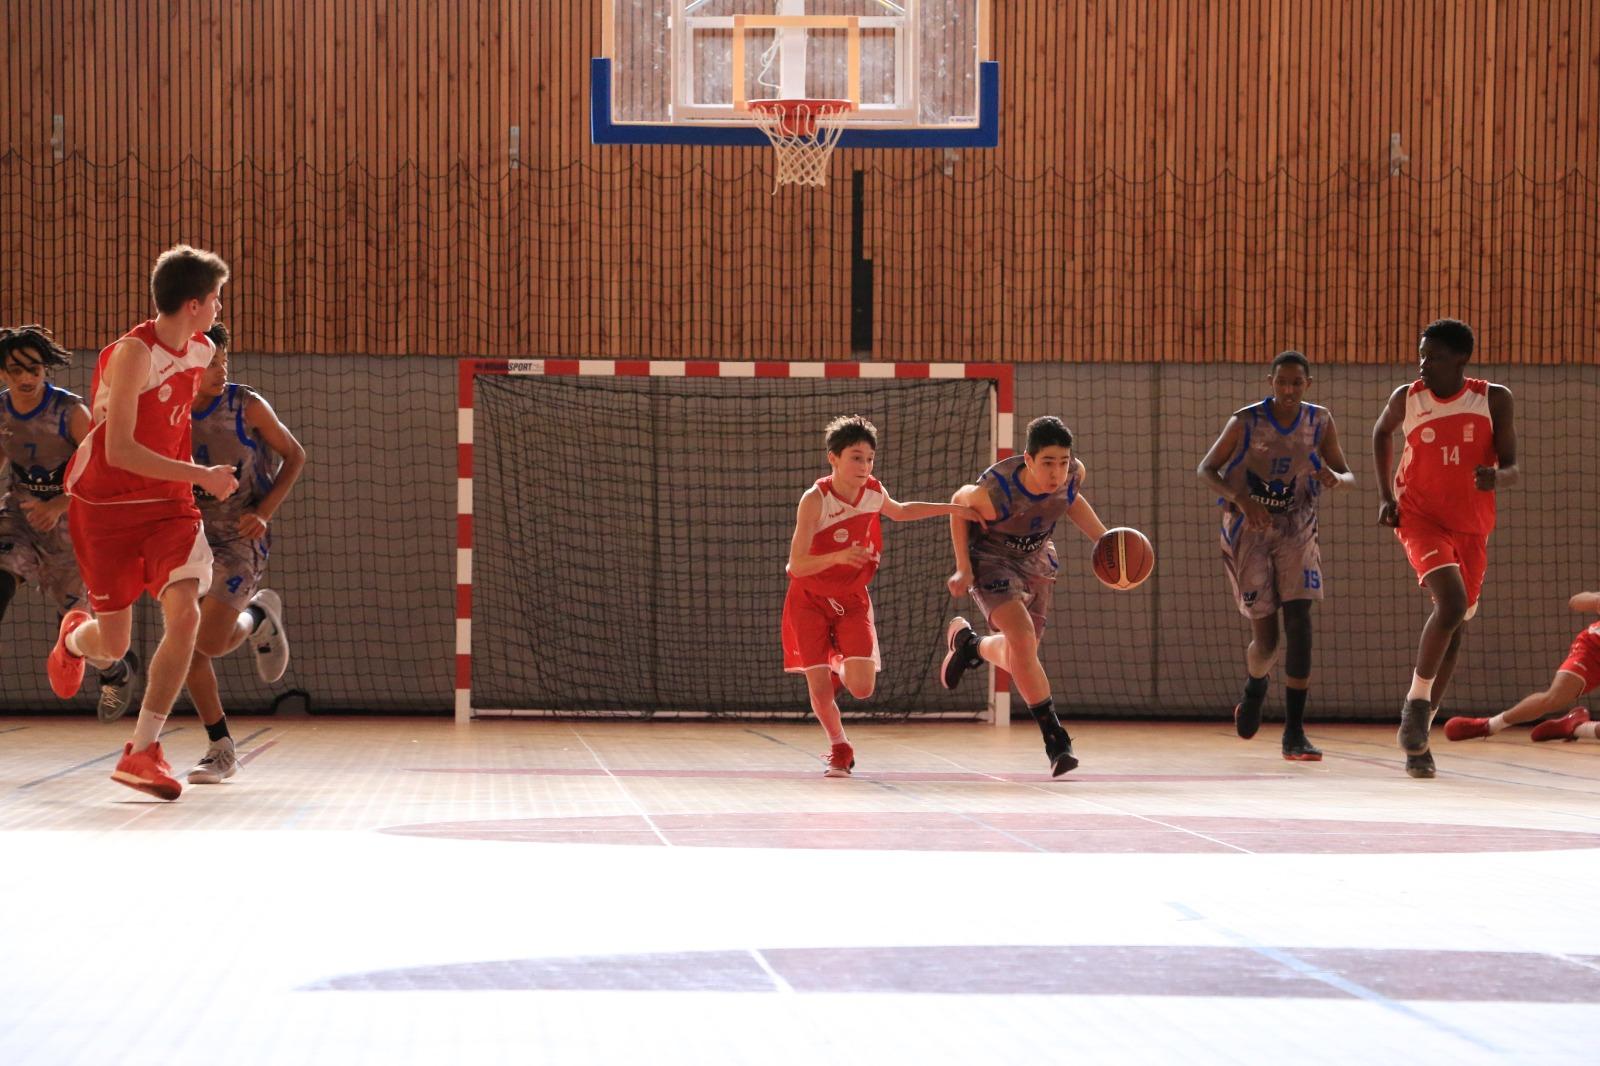 Villemomble sport vs Bagnolet